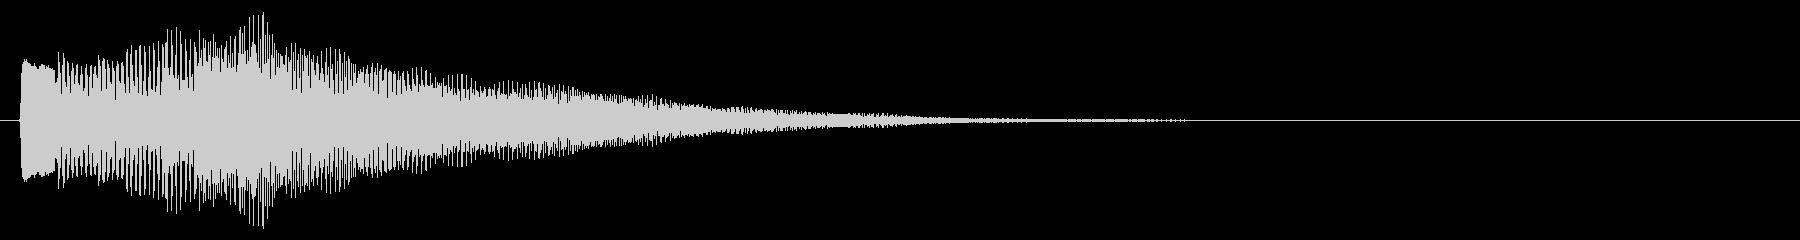 ハープ系 長いフレーズ5(特)の未再生の波形